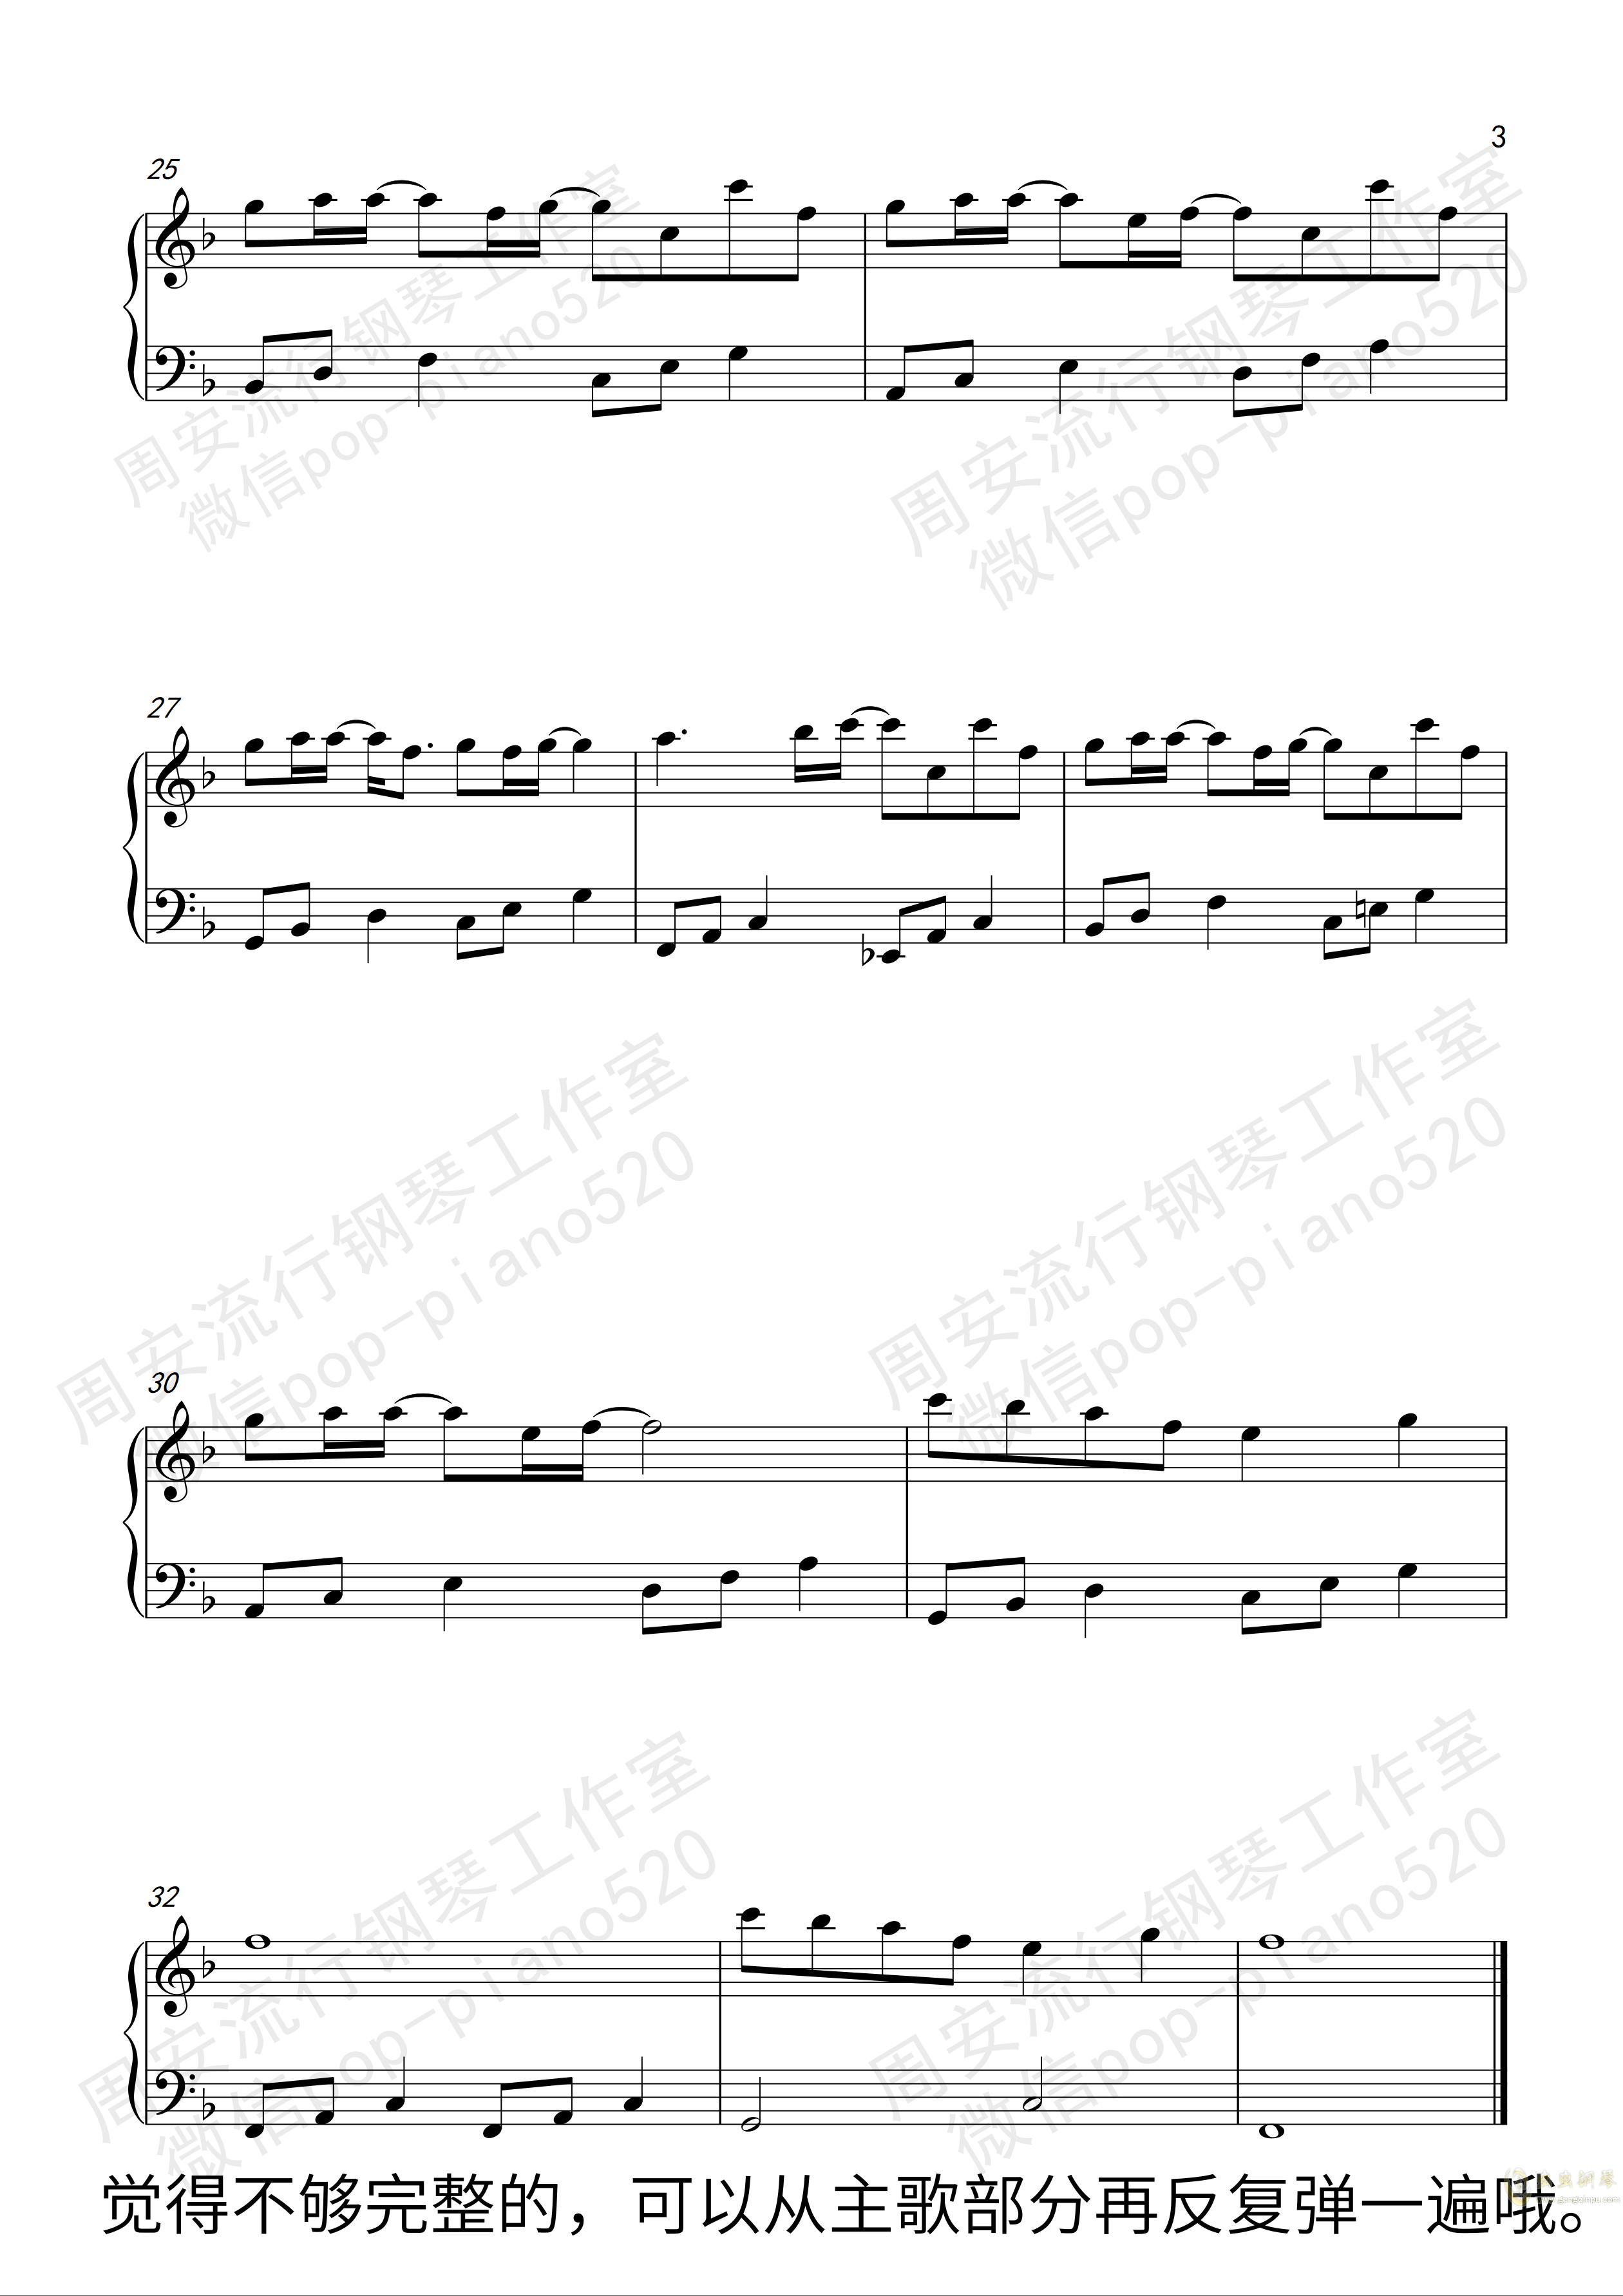 冬眠 超唯美钢琴版 周安老师 , 冬眠 超唯美钢琴版 周安老师 钢琴谱, 冬眠 超唯美钢琴版 周安老师 钢琴谱网, 冬眠 超唯美钢琴版 周安老师 钢琴谱大全